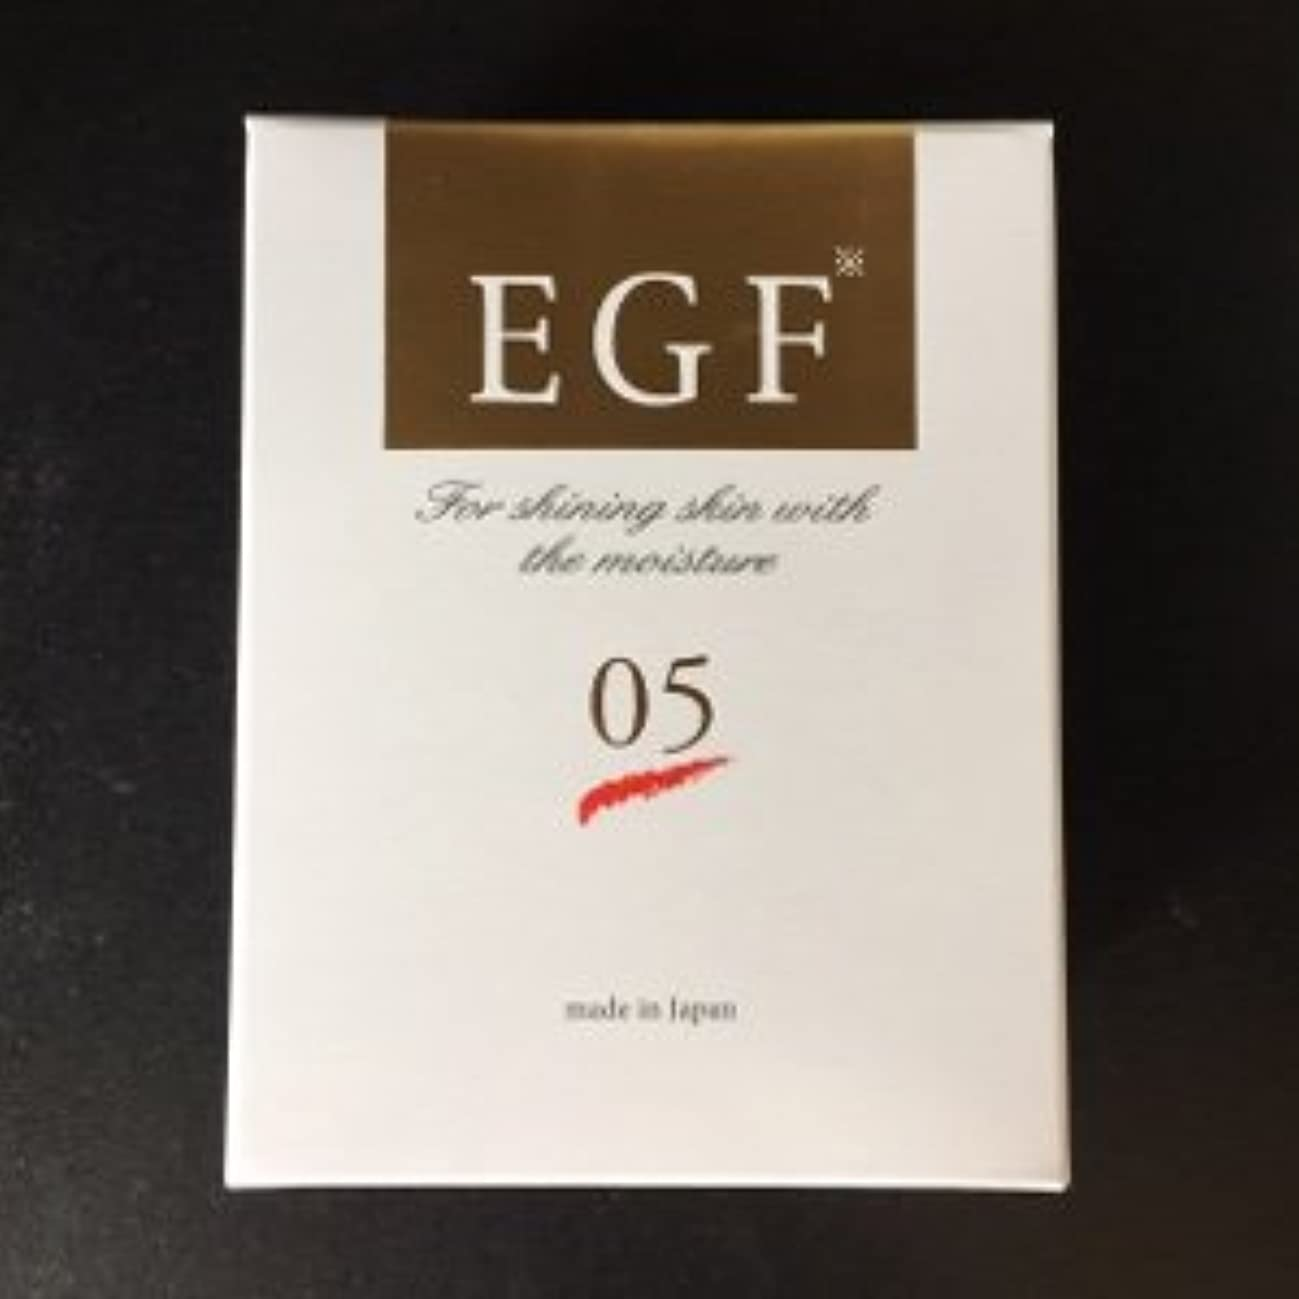 変色するオリエンテーション認知EGFセラム05